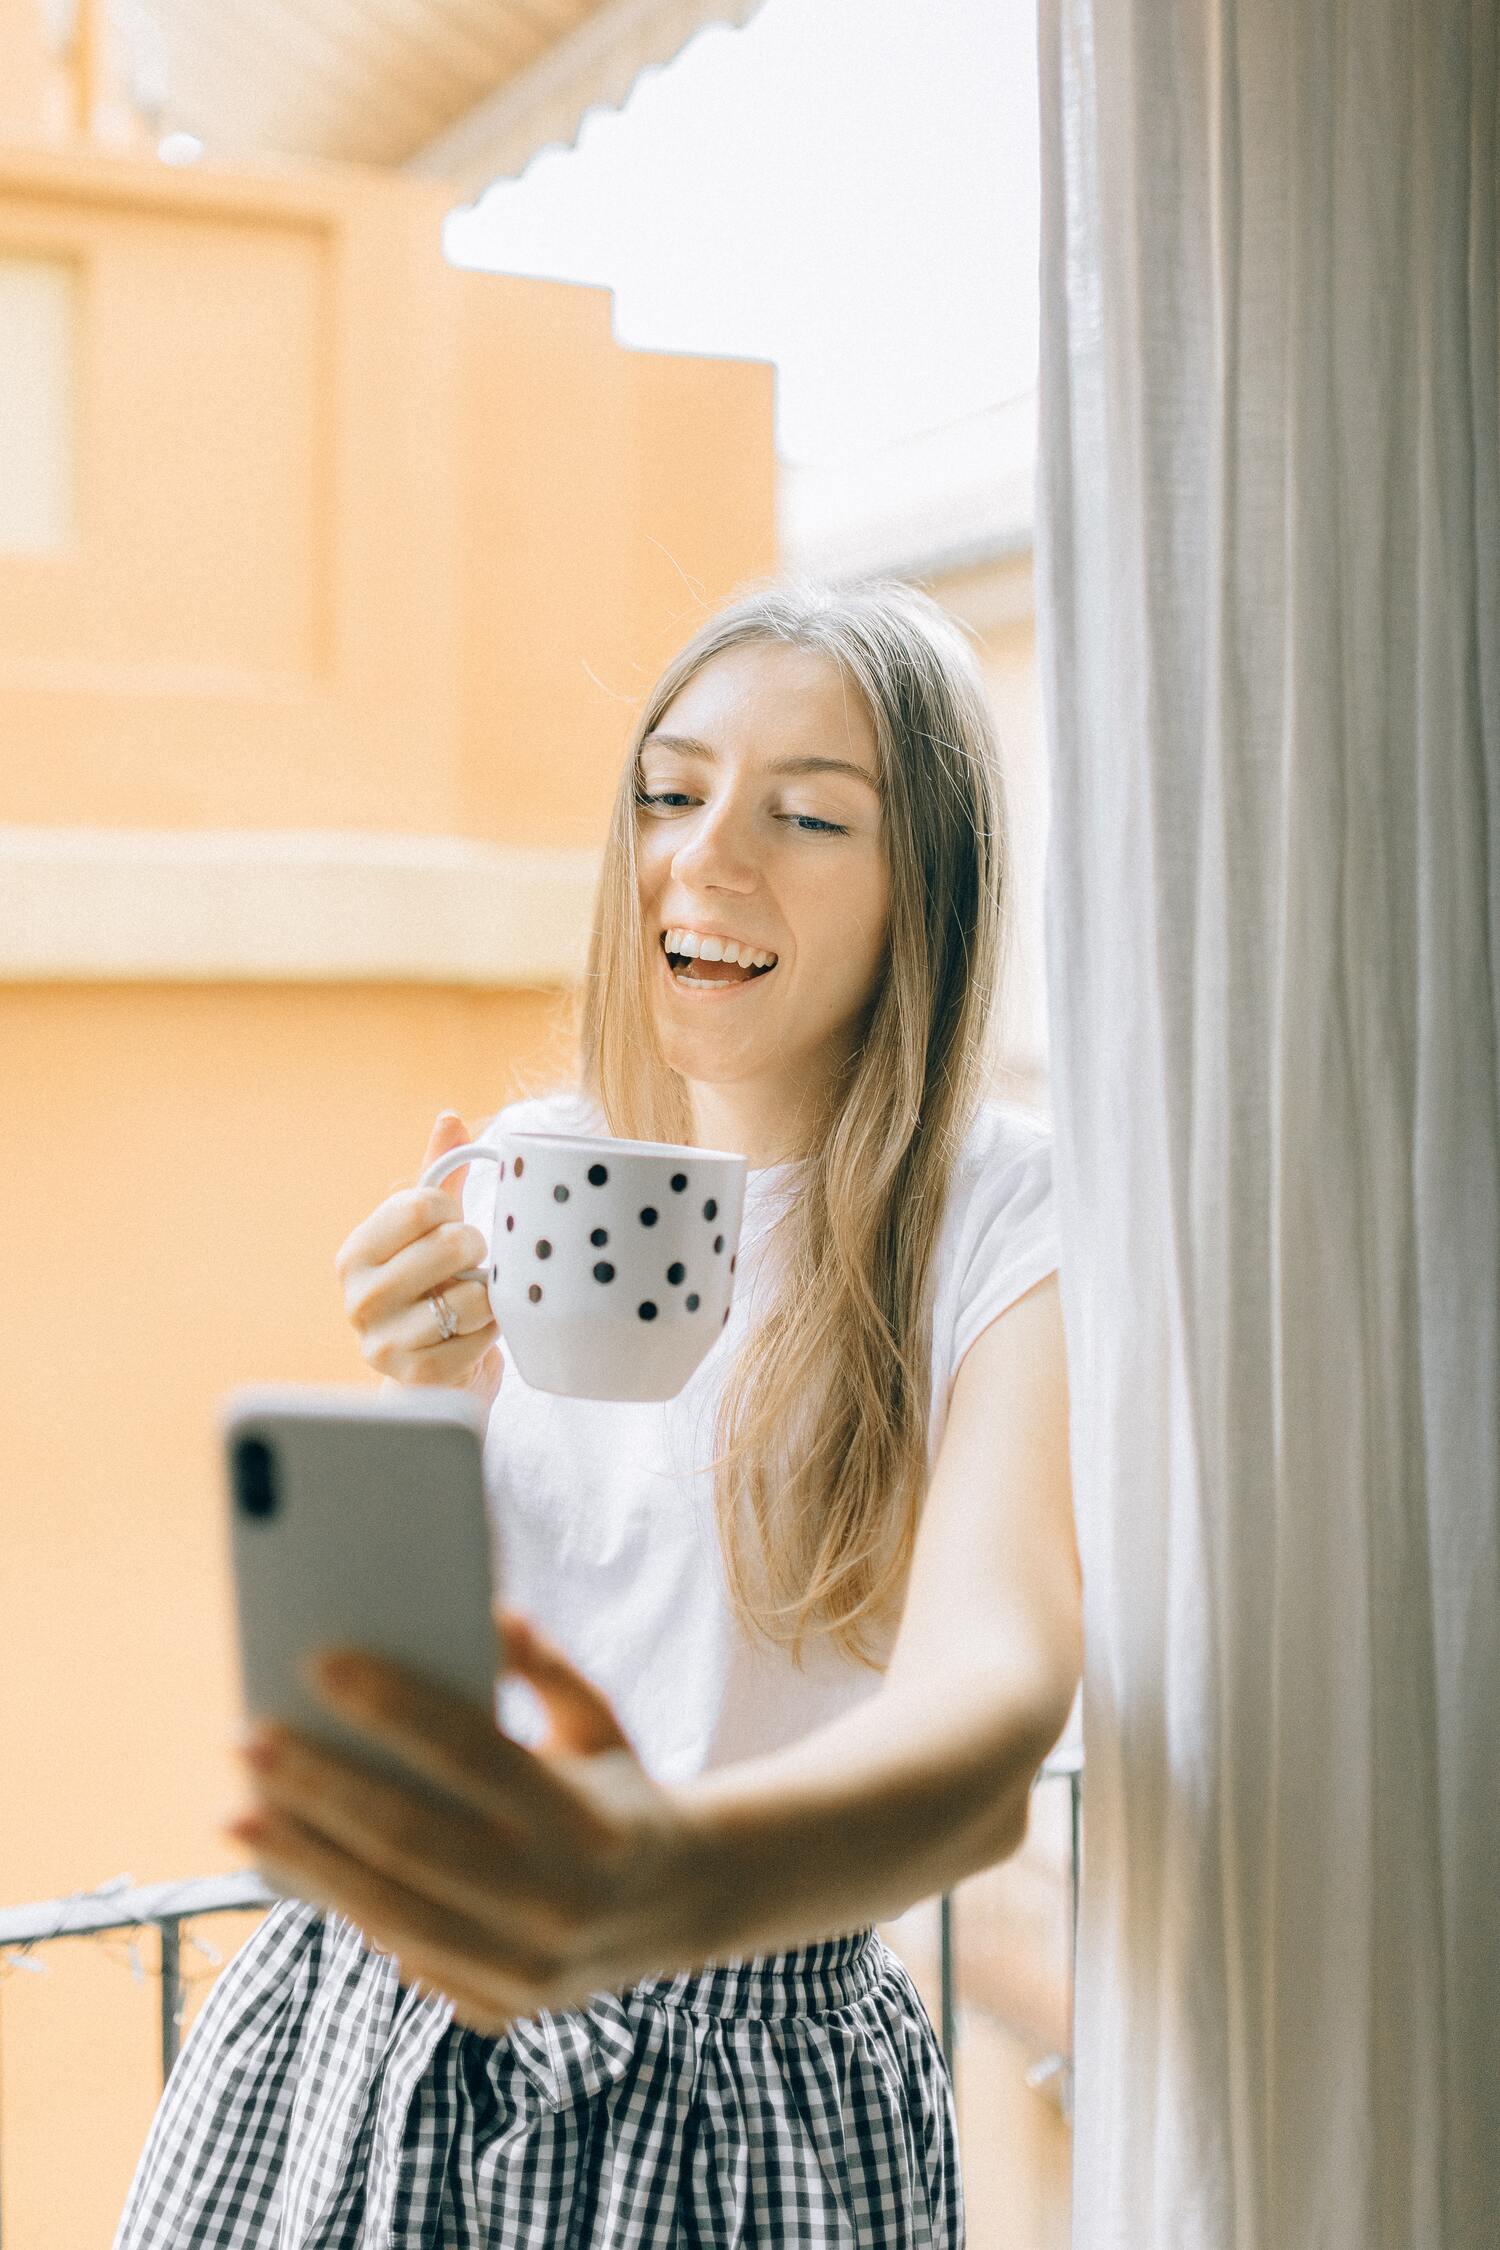 ابق على اتصال افتراضي مع أحبائك